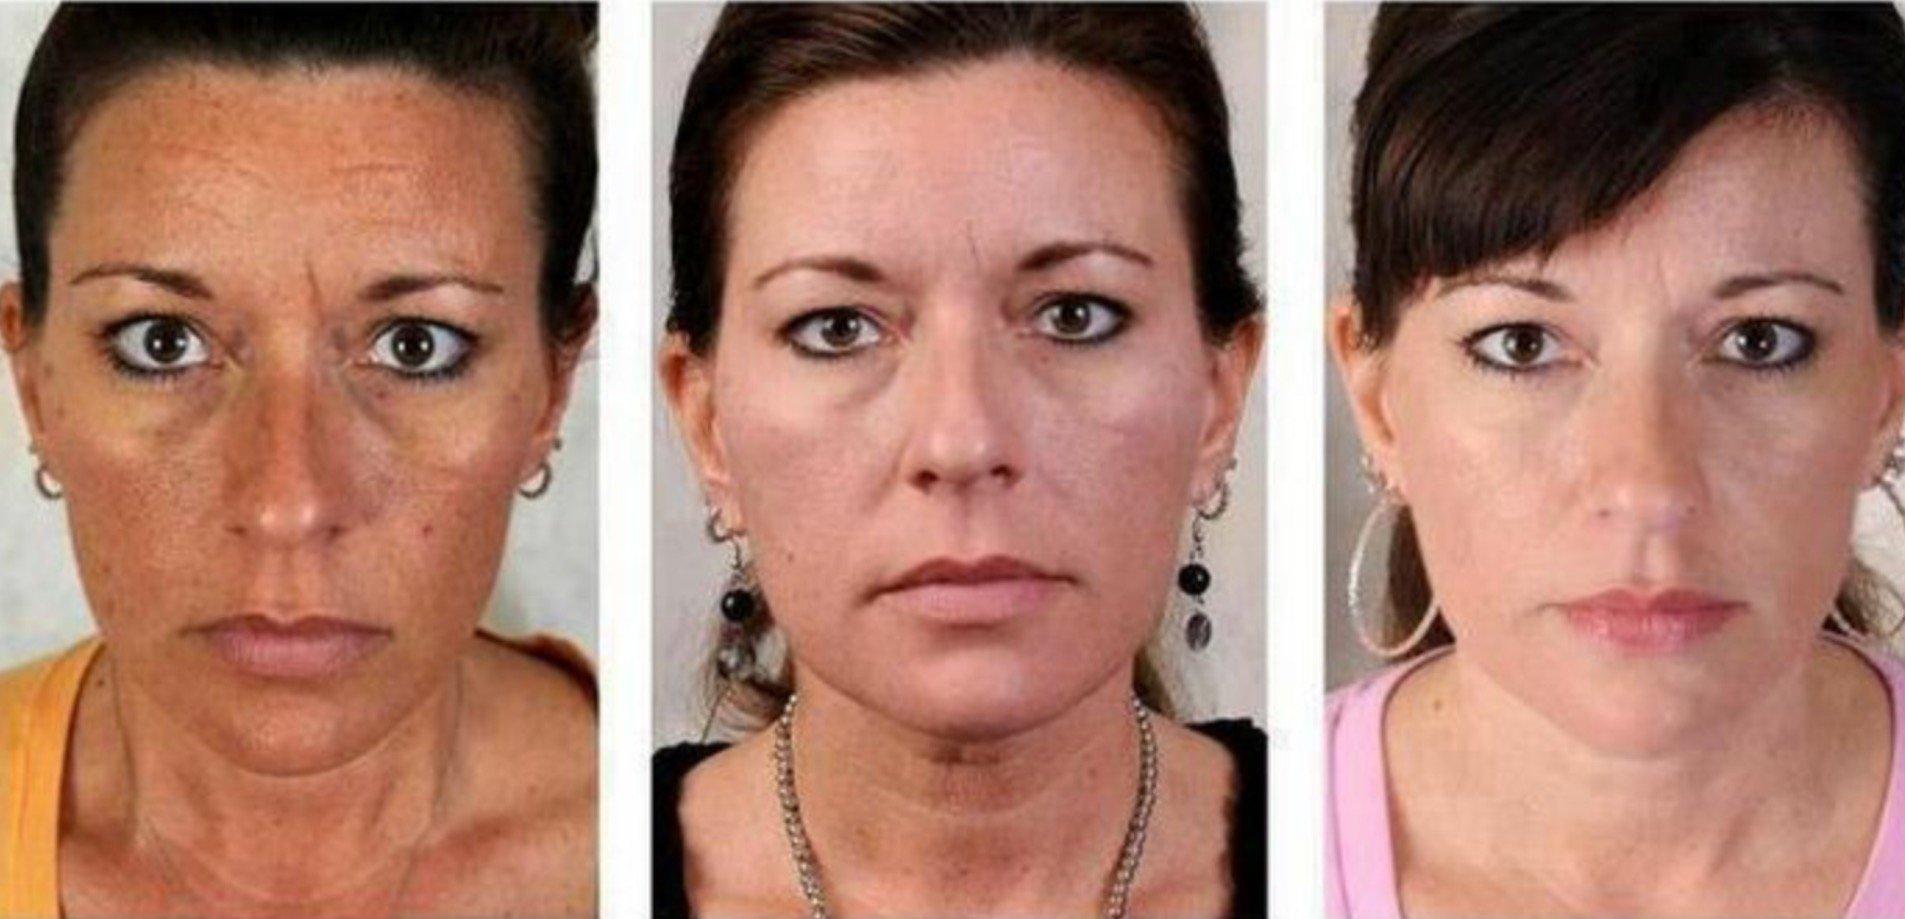 Hogyan lehet eltávolítani a vörös foltok akne után az arcon - Bőrgyulladás November